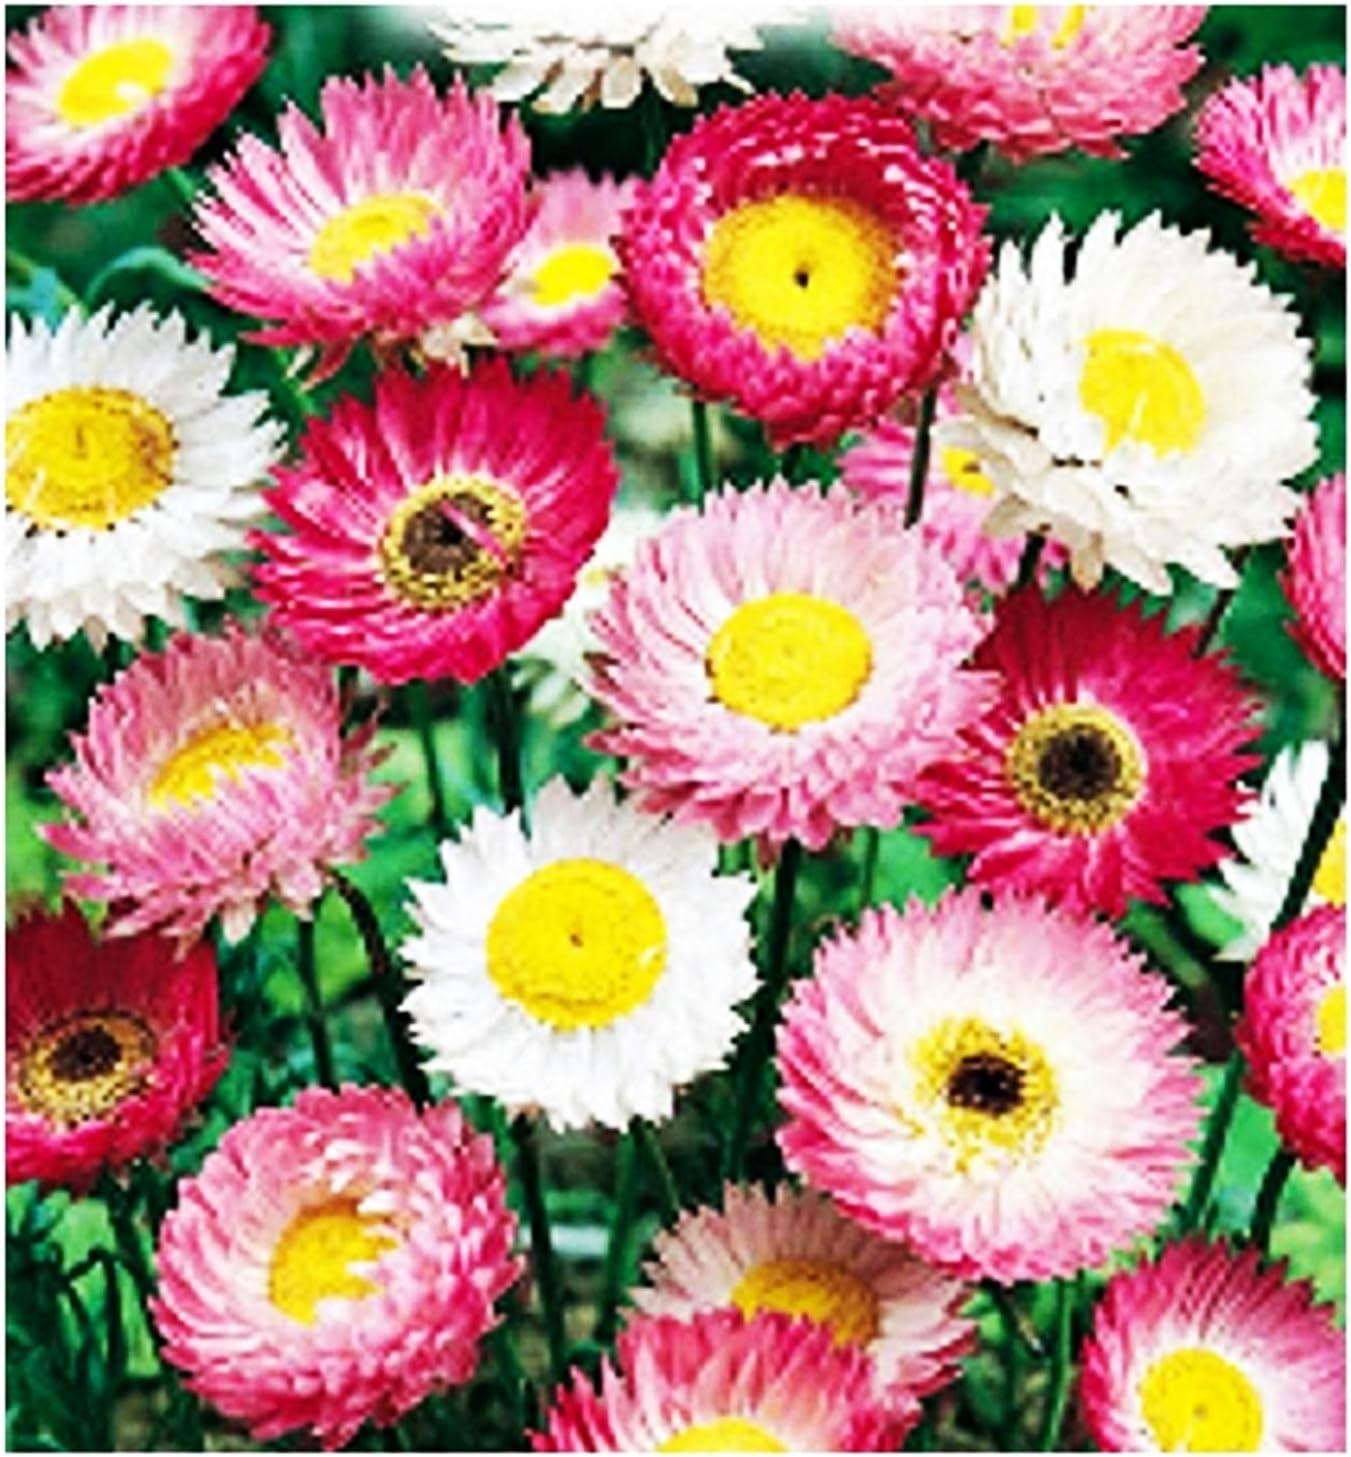 fleur l/égumes acroclinium roseum 120 graines environ fleurs Acroclinio graines de fleurs roses en m/élange id/ée cadeau originale les meilleures graines de plantes fruits rares